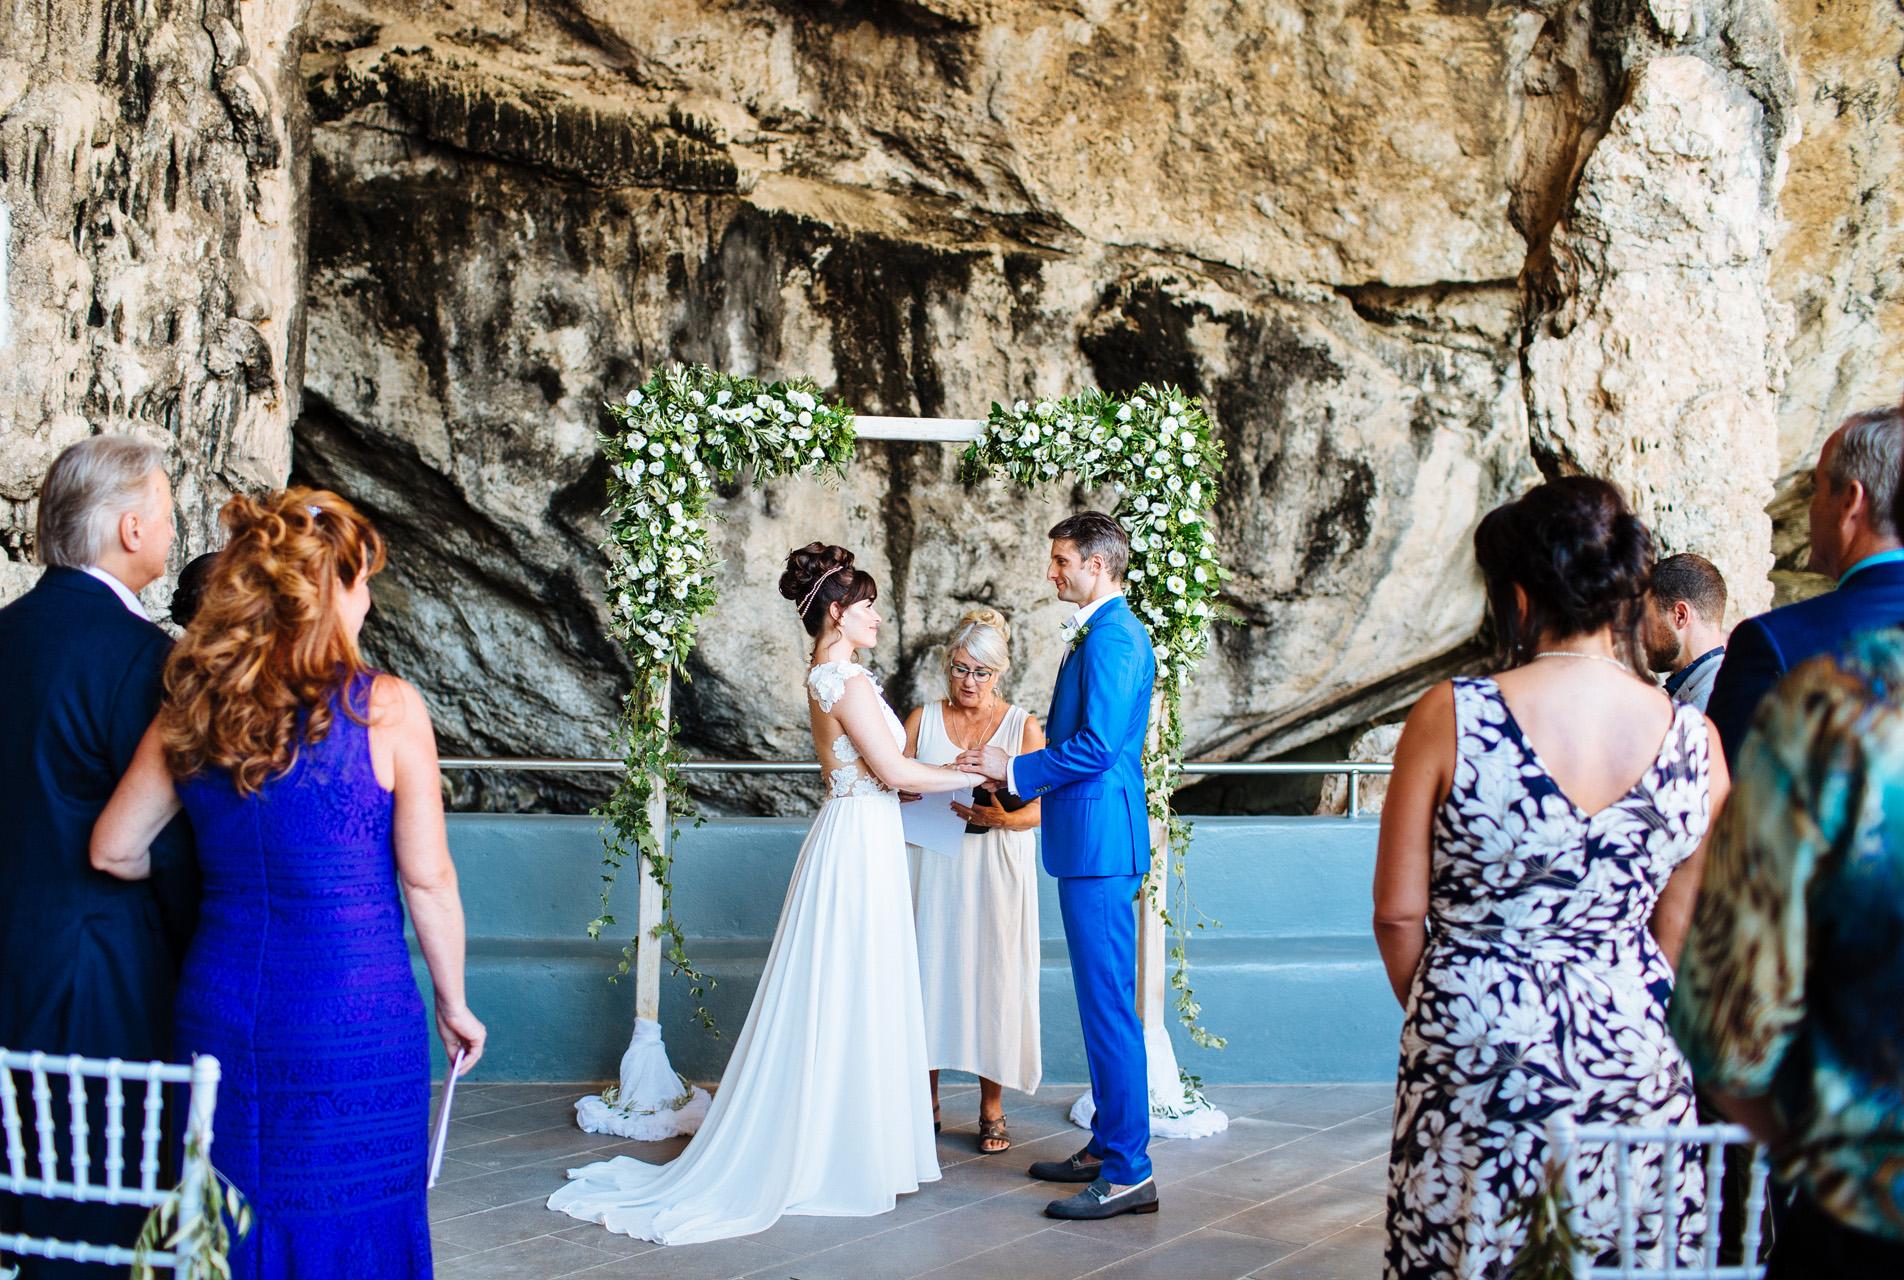 wedding cave ceremony